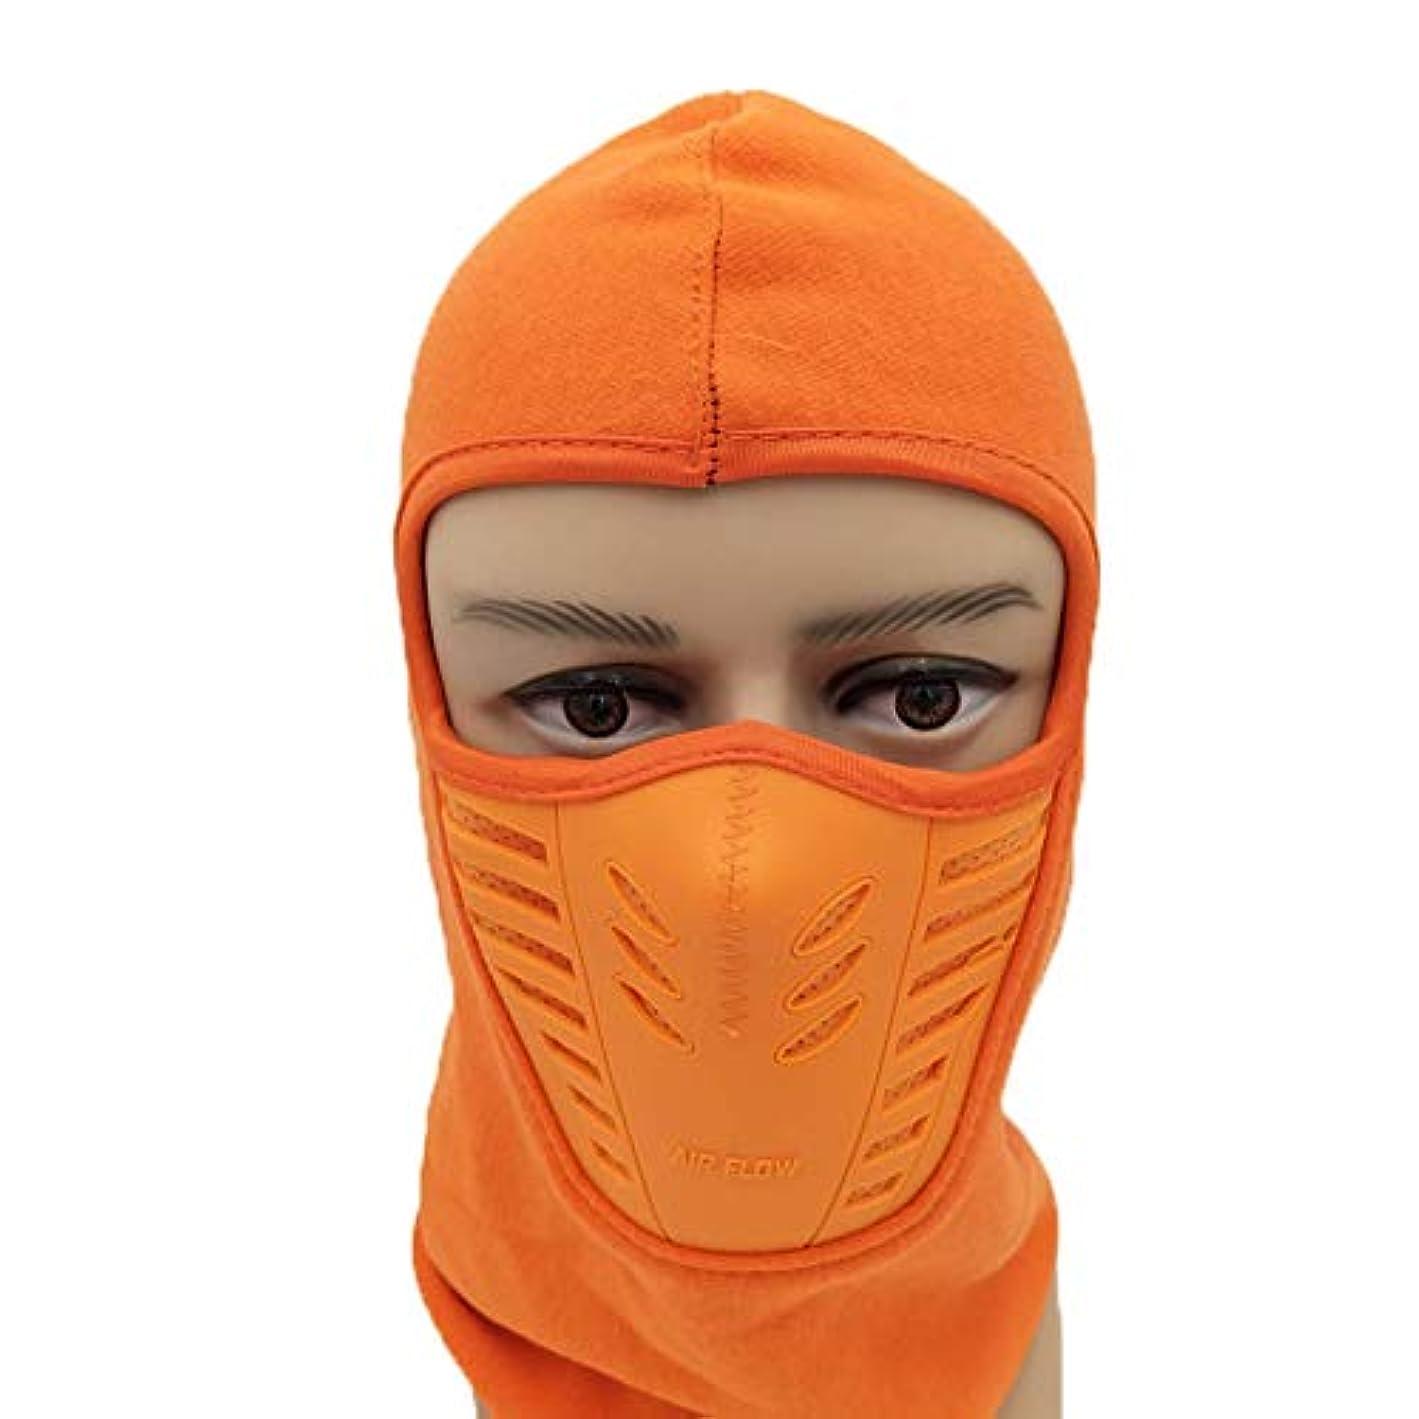 均等に地元眩惑するXlpウィンターフリースネックウォーマー、フェイスマスクカバー、厚手ロングネックガーターチューブ、ビーニーネックウォーマーフード、ウィンターアウトドアスポーツマスク防風フード帽子